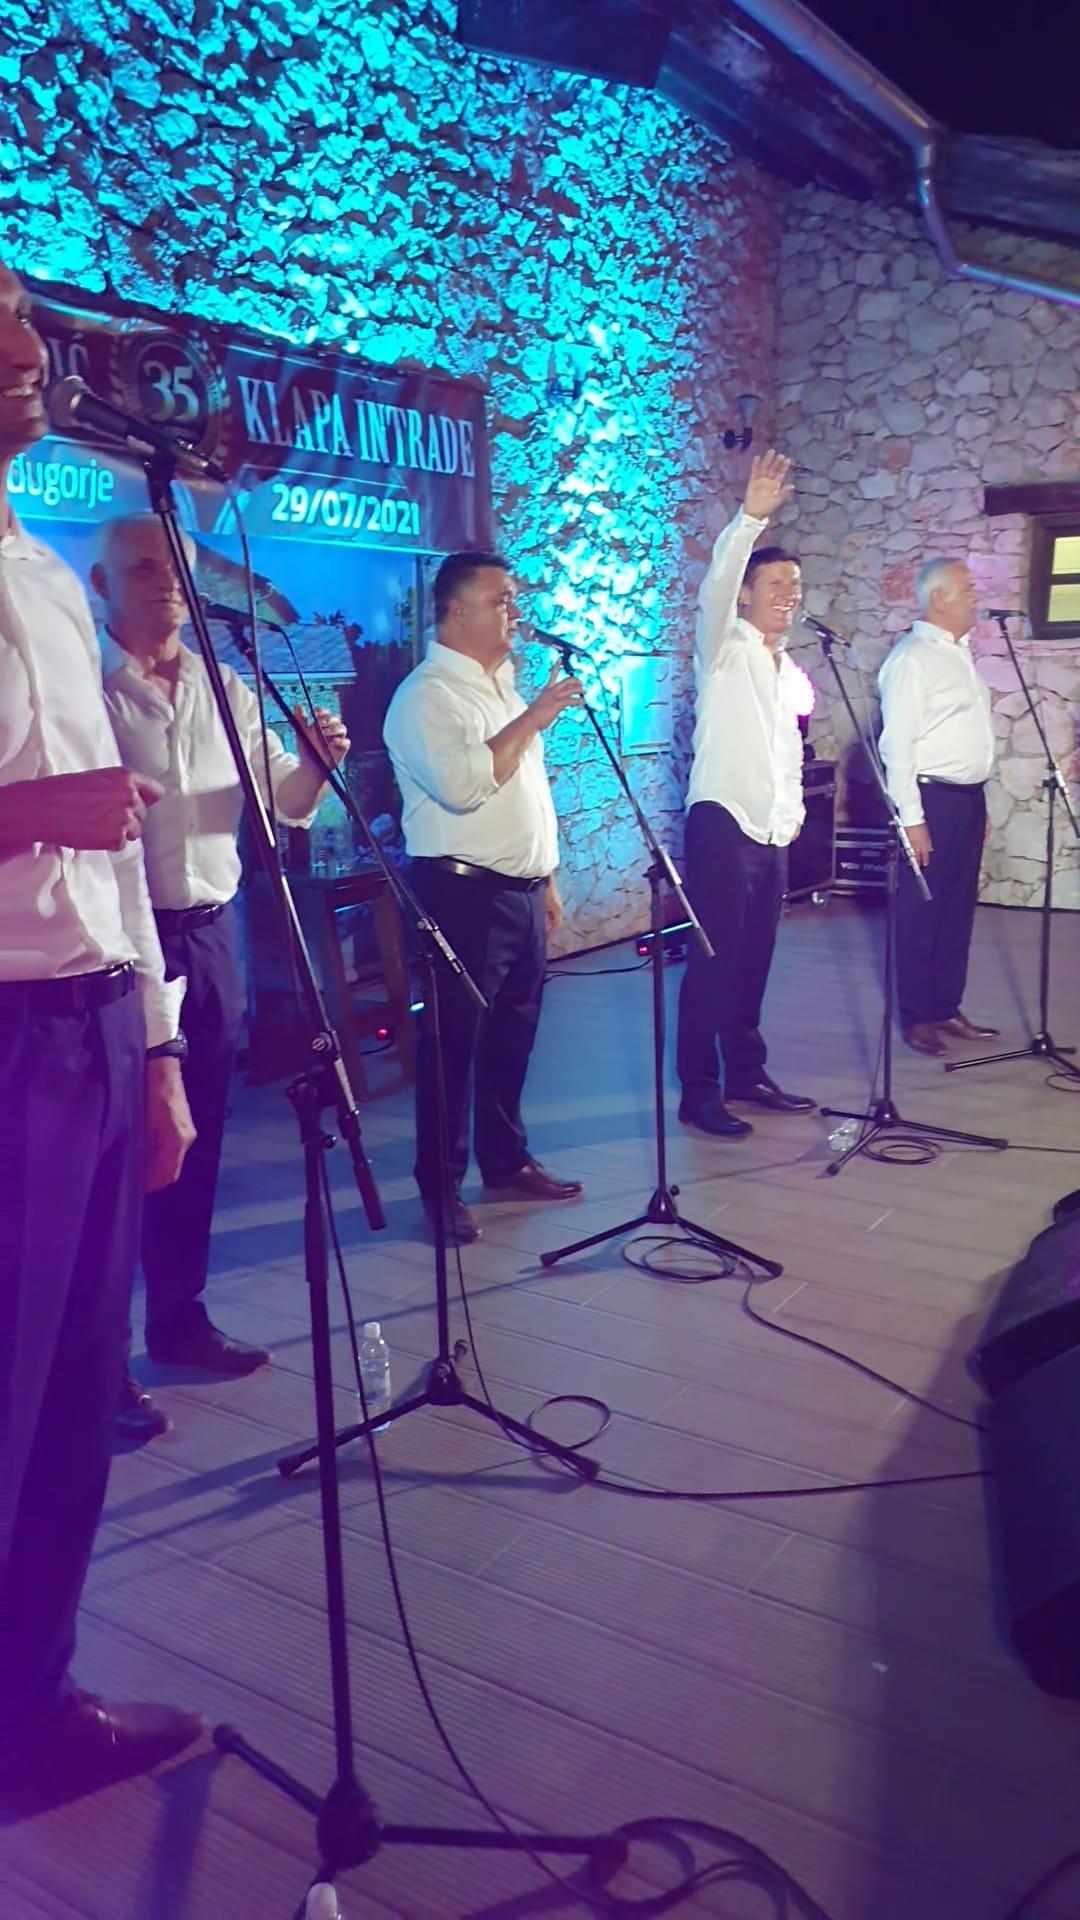 Bralić i Intrade u Međugorju – glazbeni dodir s publikom